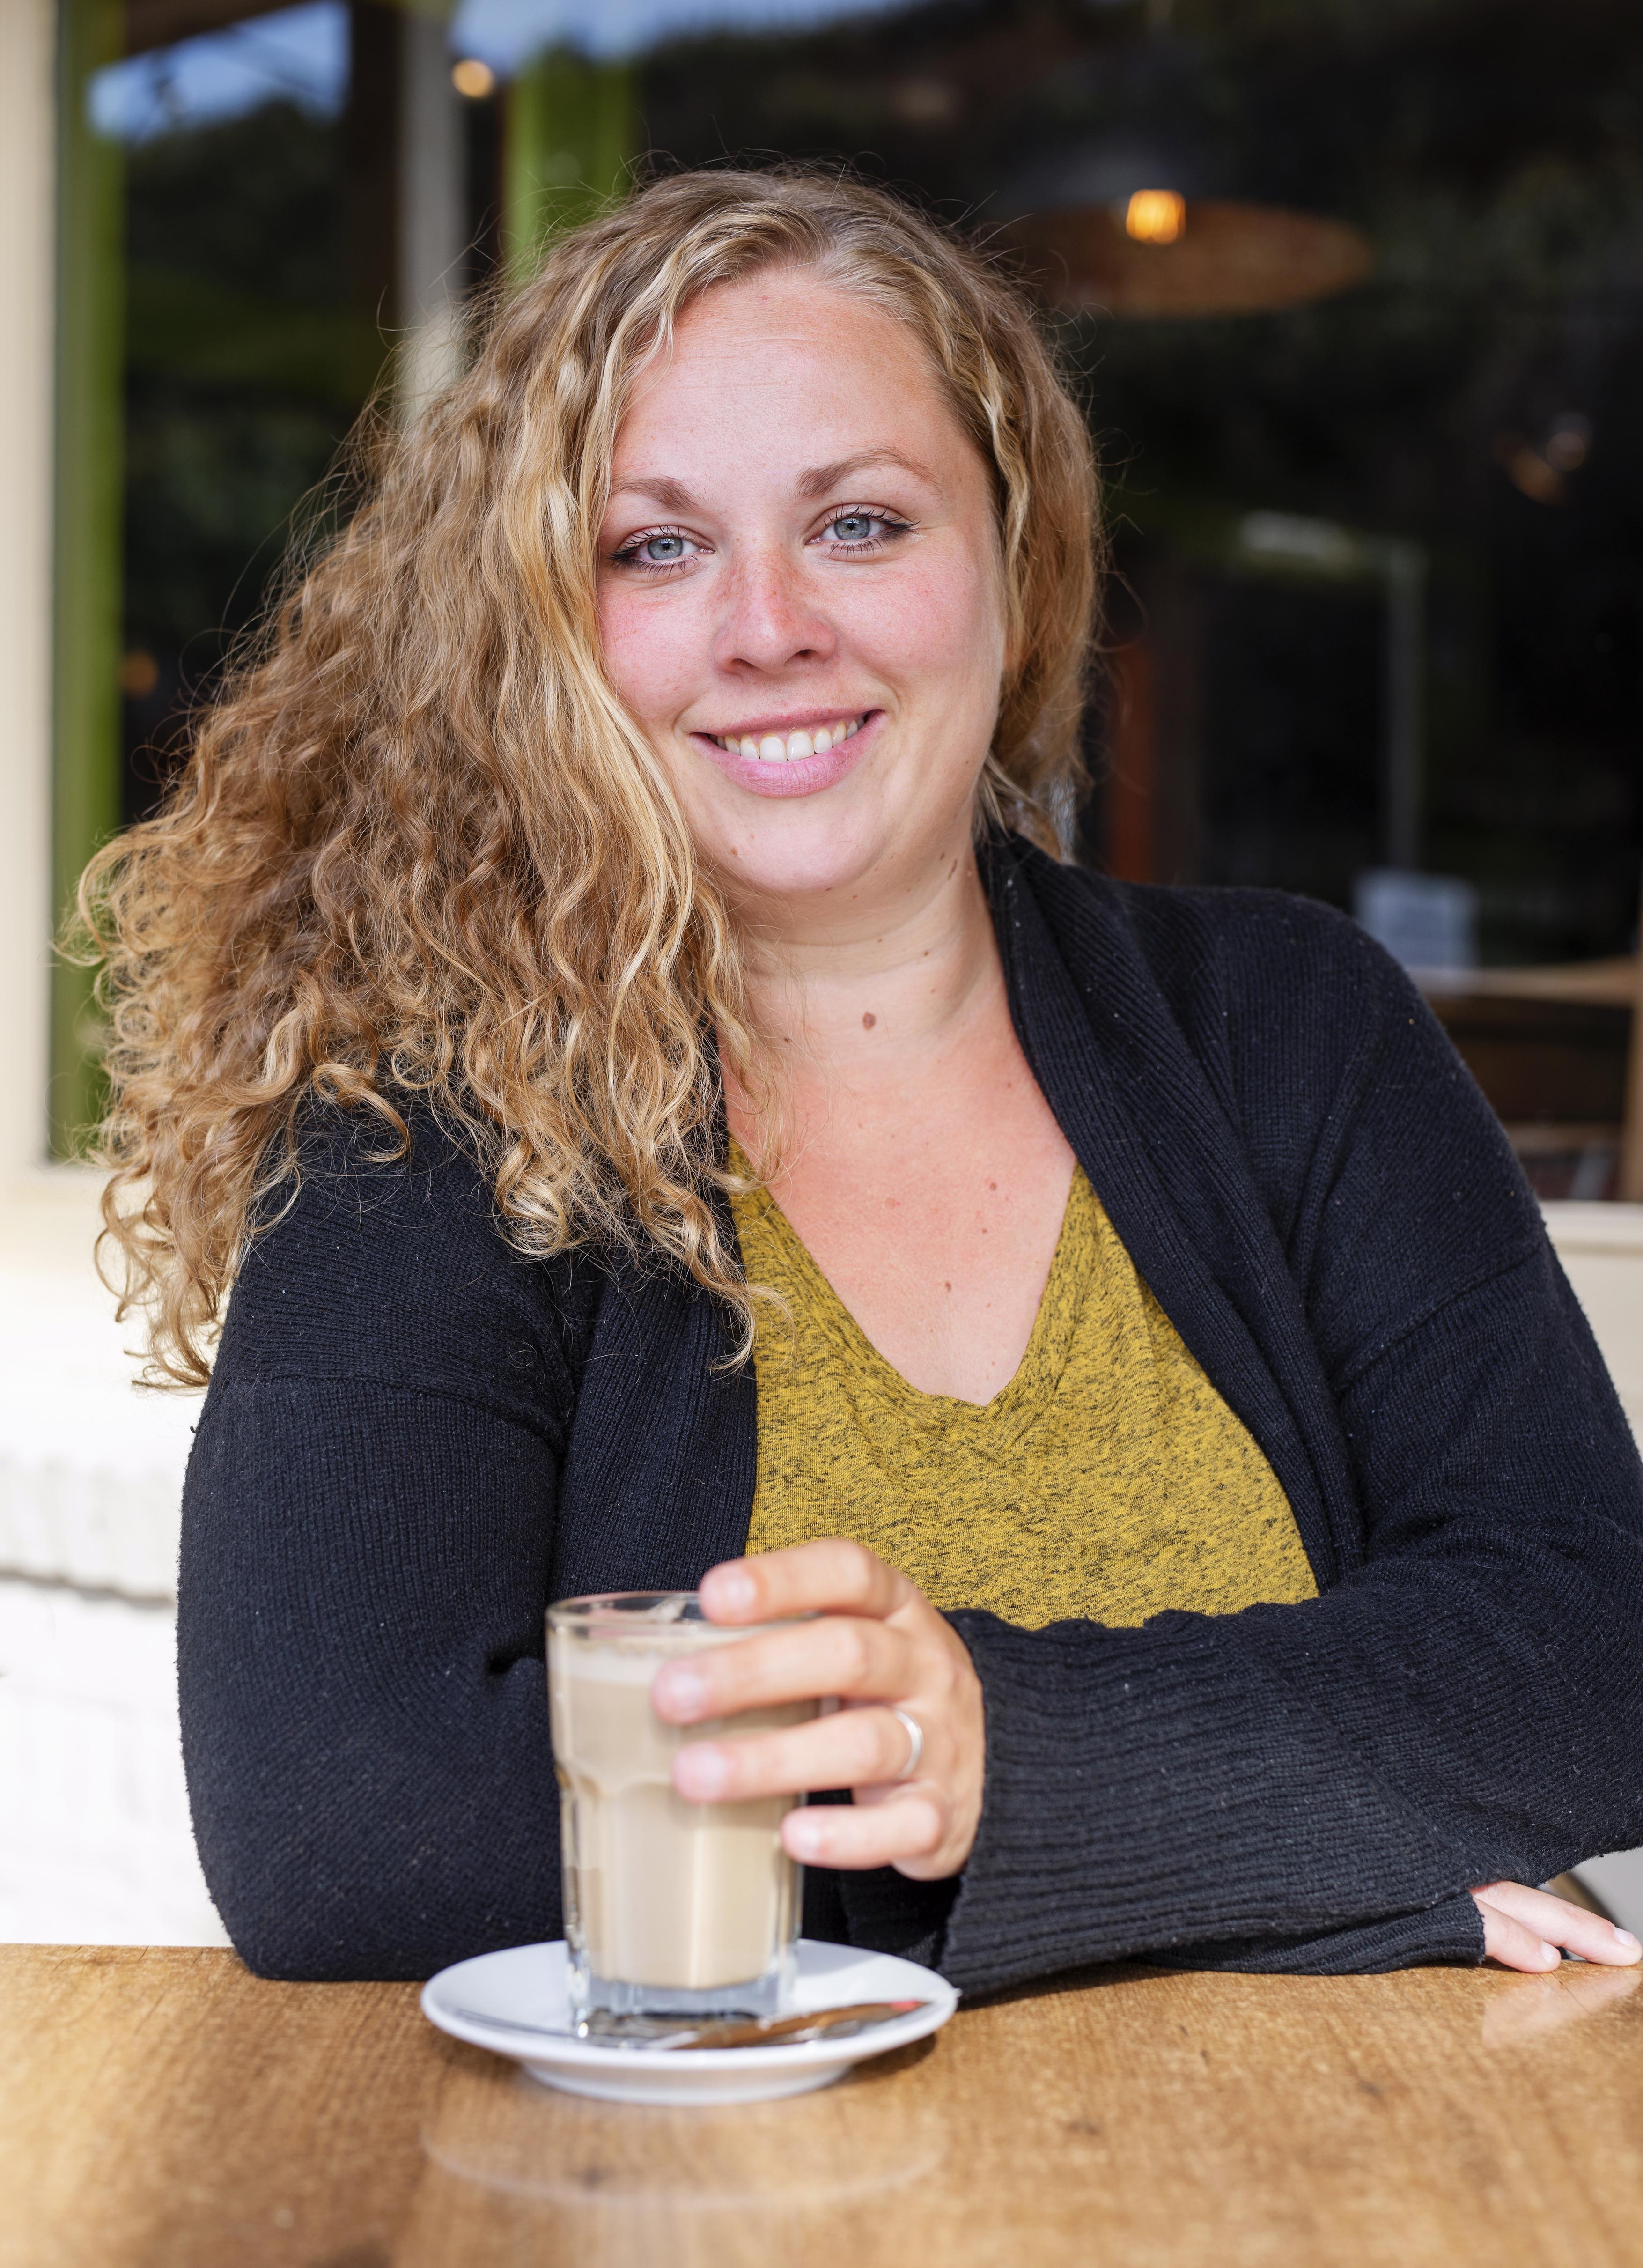 Stella van Lieshout uit Oudkarspel is een theaterbèta die geen aannames doet: 'Als een personage uit zijn comfortzone raakt, wordt het interessant'